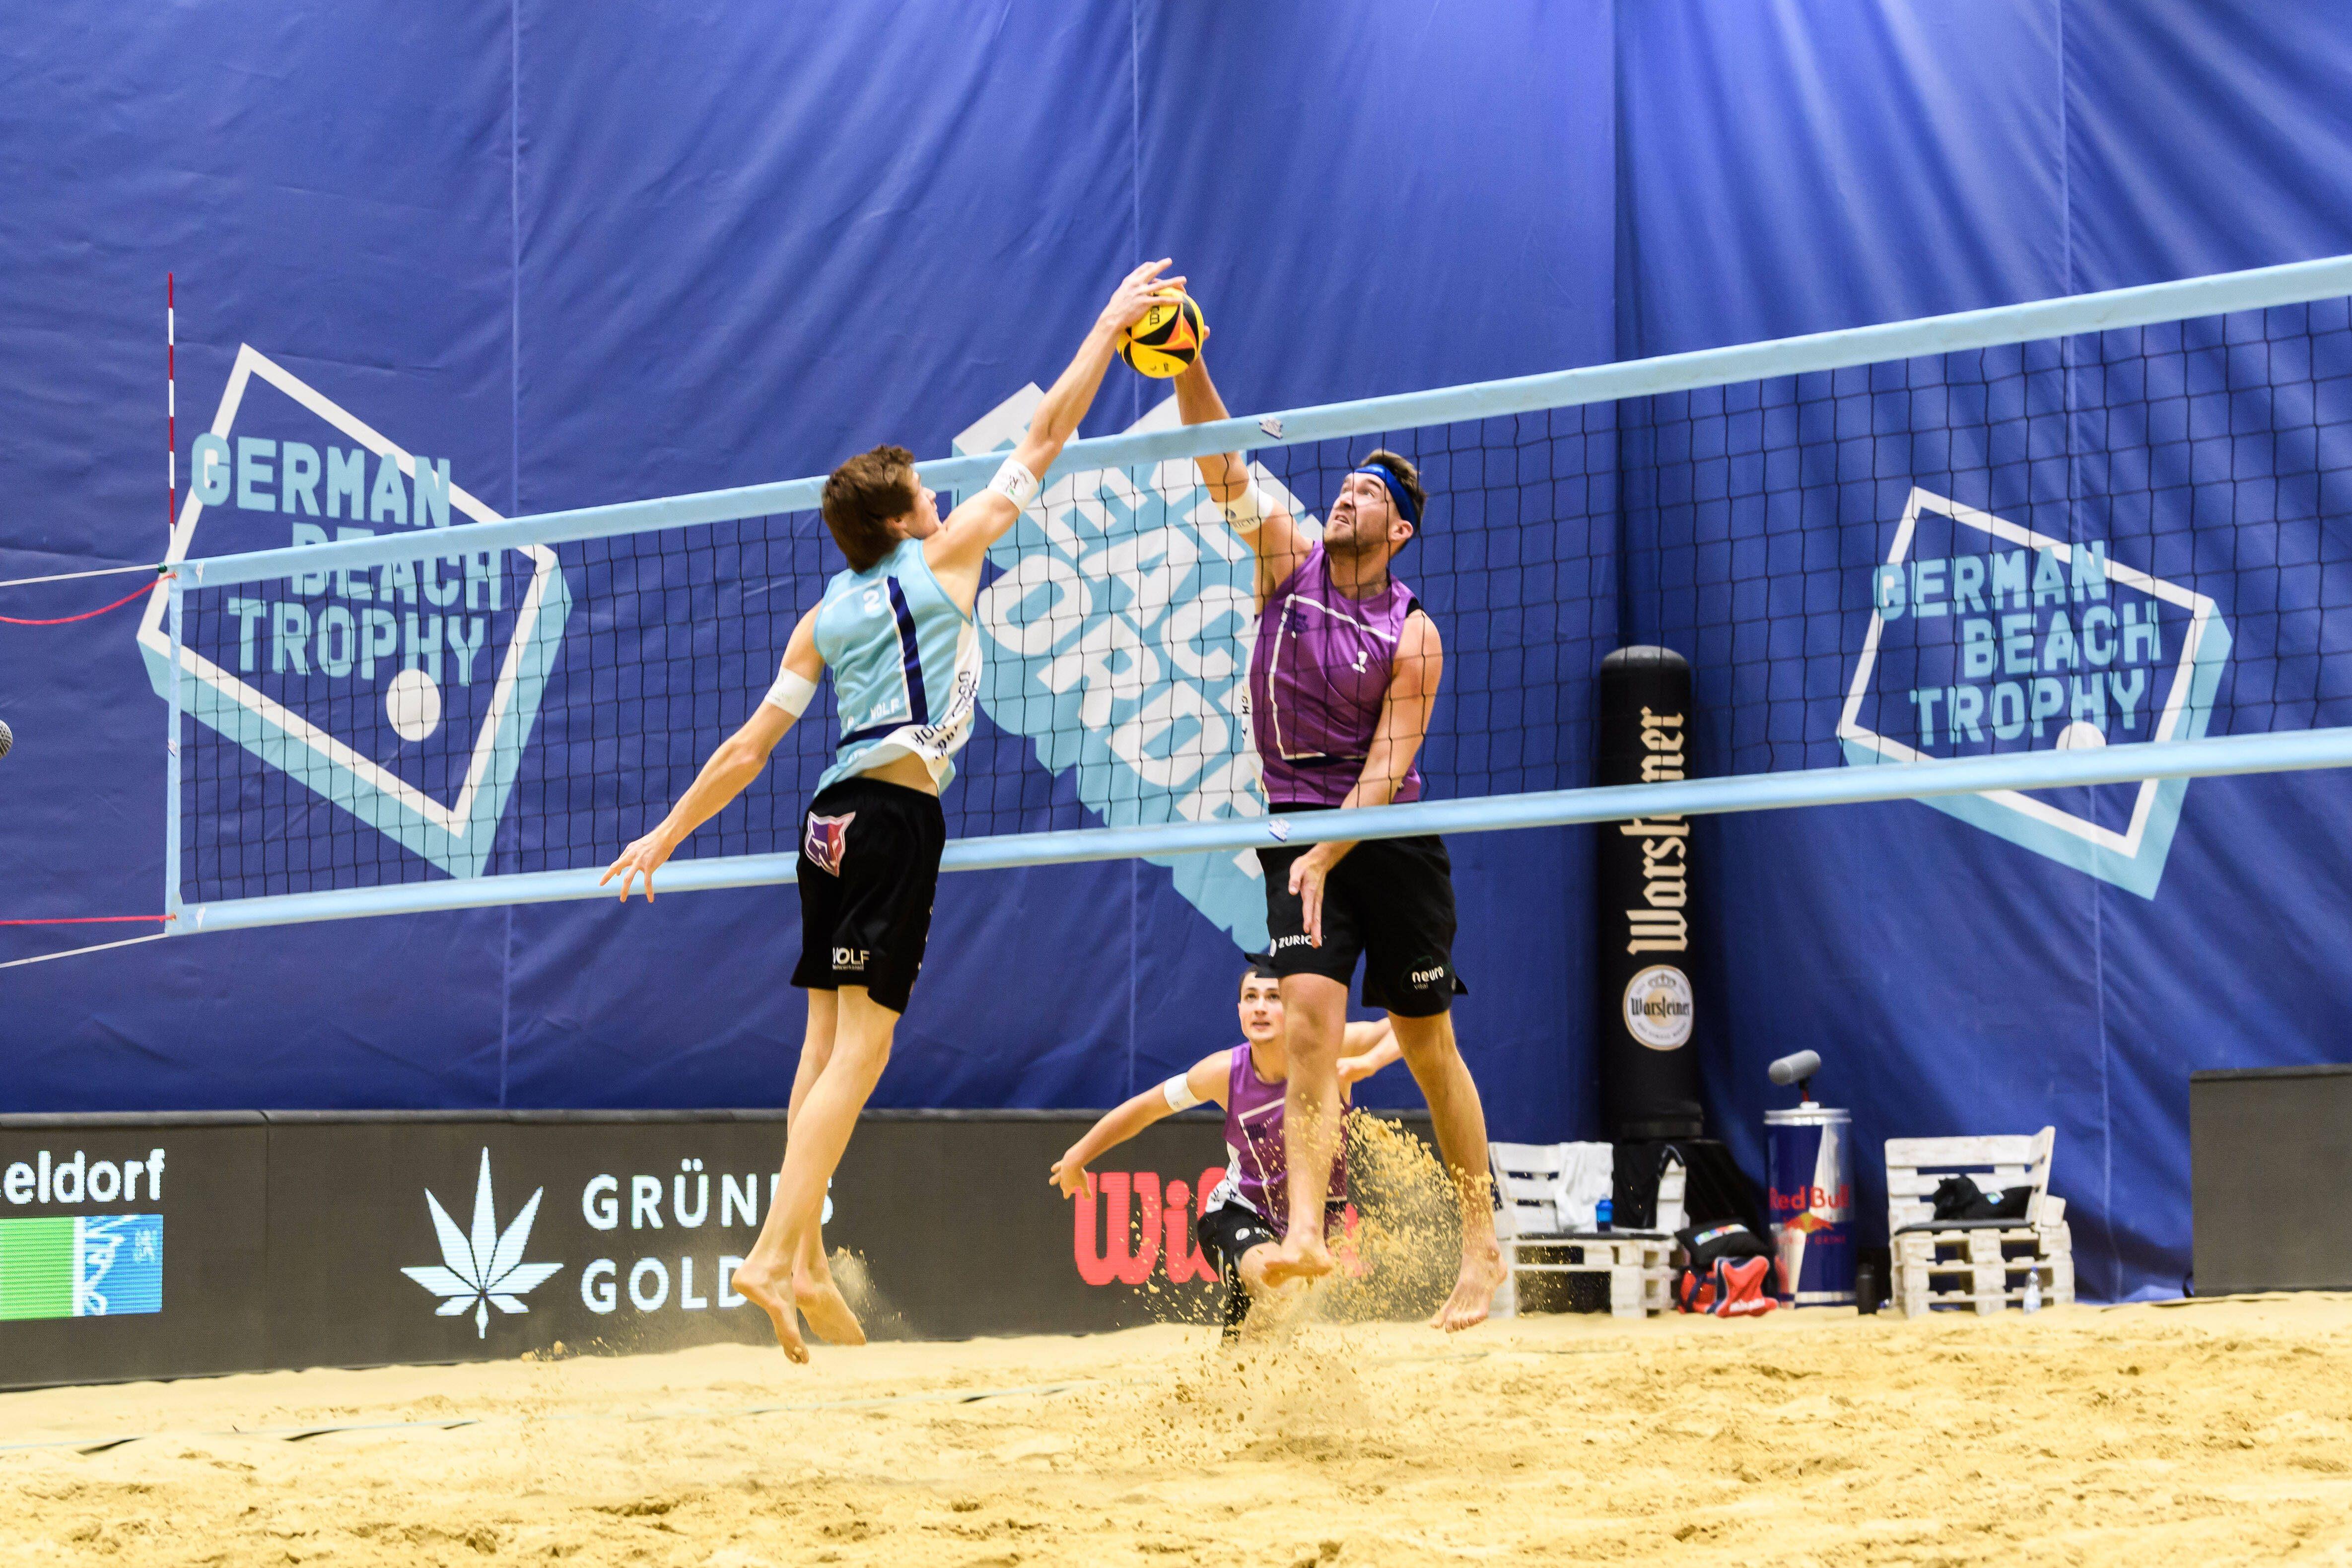 Запрет играть в бикини на этапе Мирового тура по пляжному волейболу в Катаре отменили